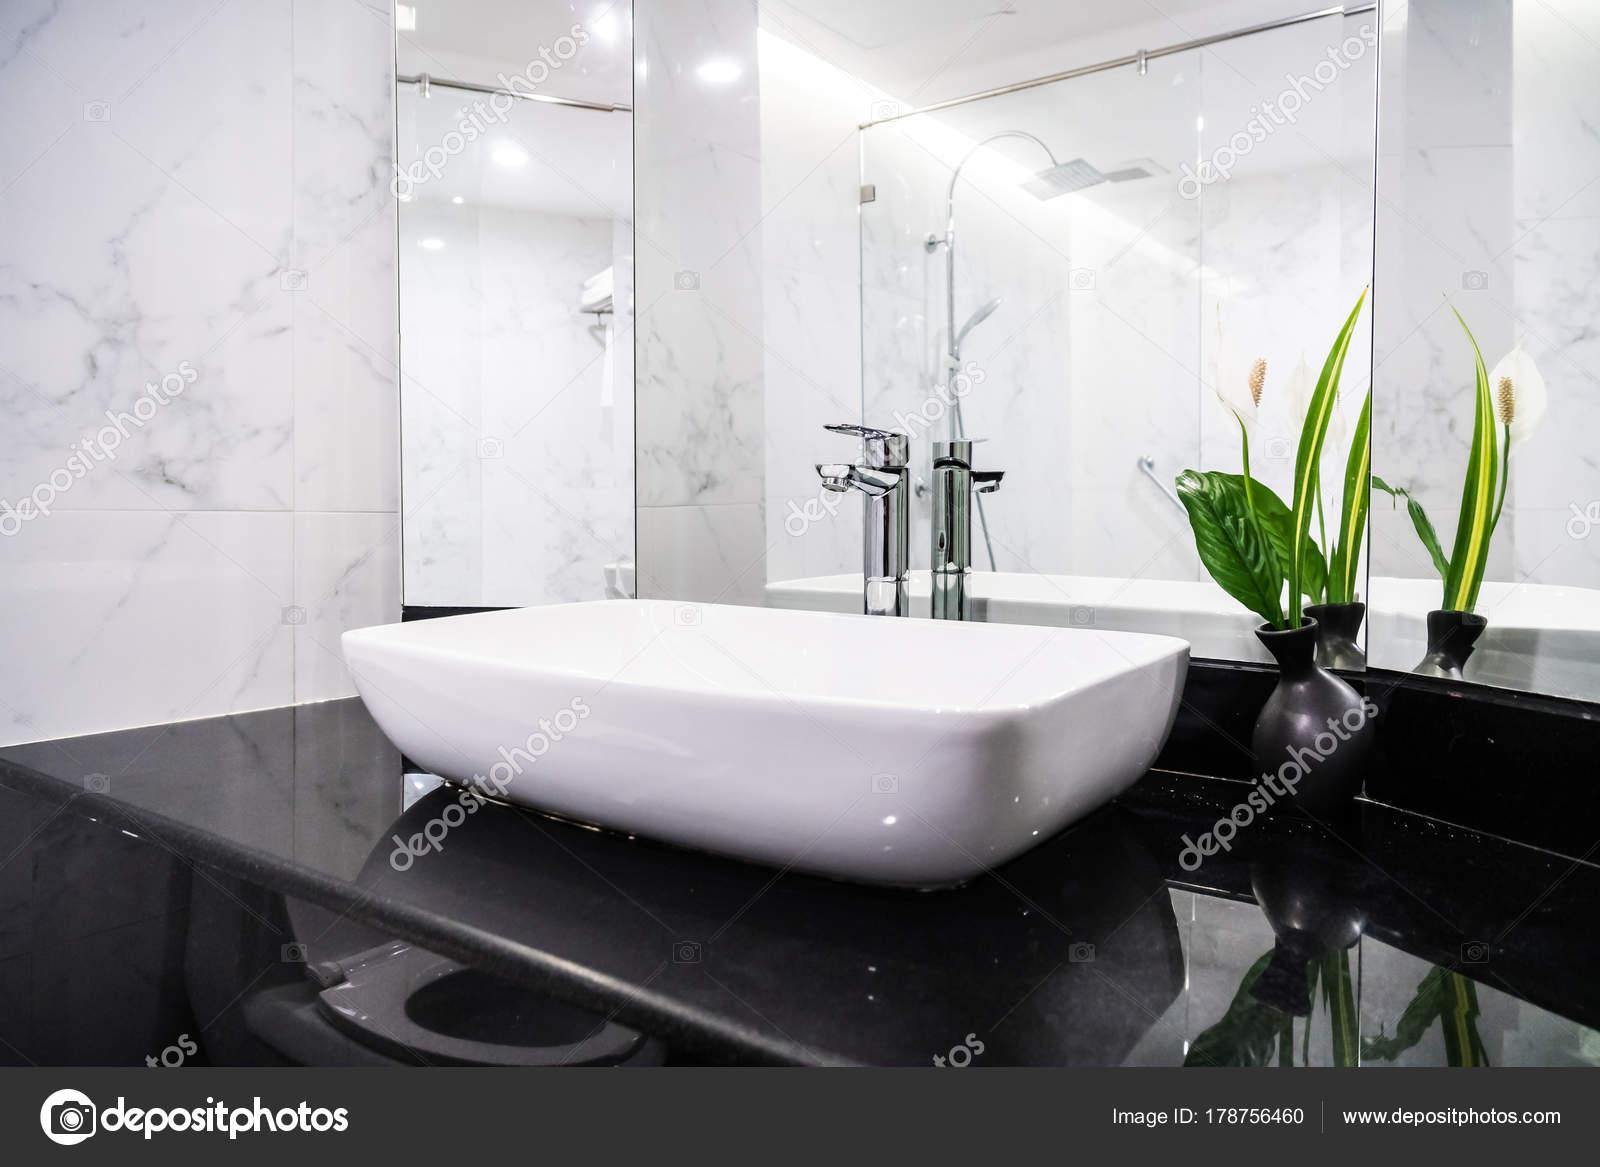 Wastafel kraan decoratie badkamer interieur u stockfoto